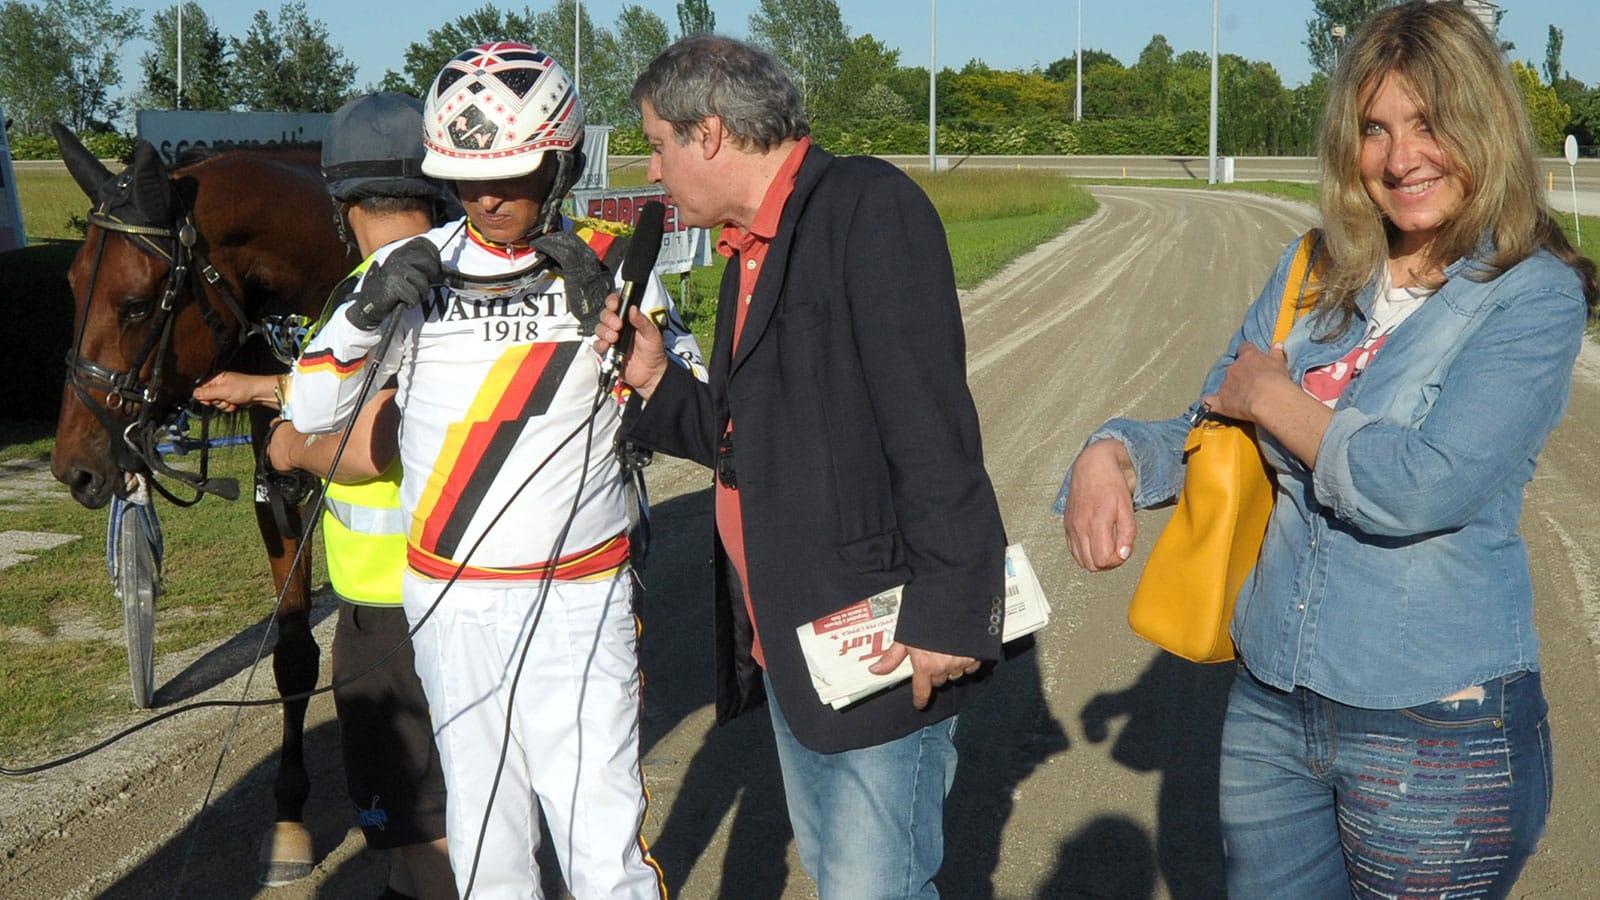 31-05-2019-corsa-7-03